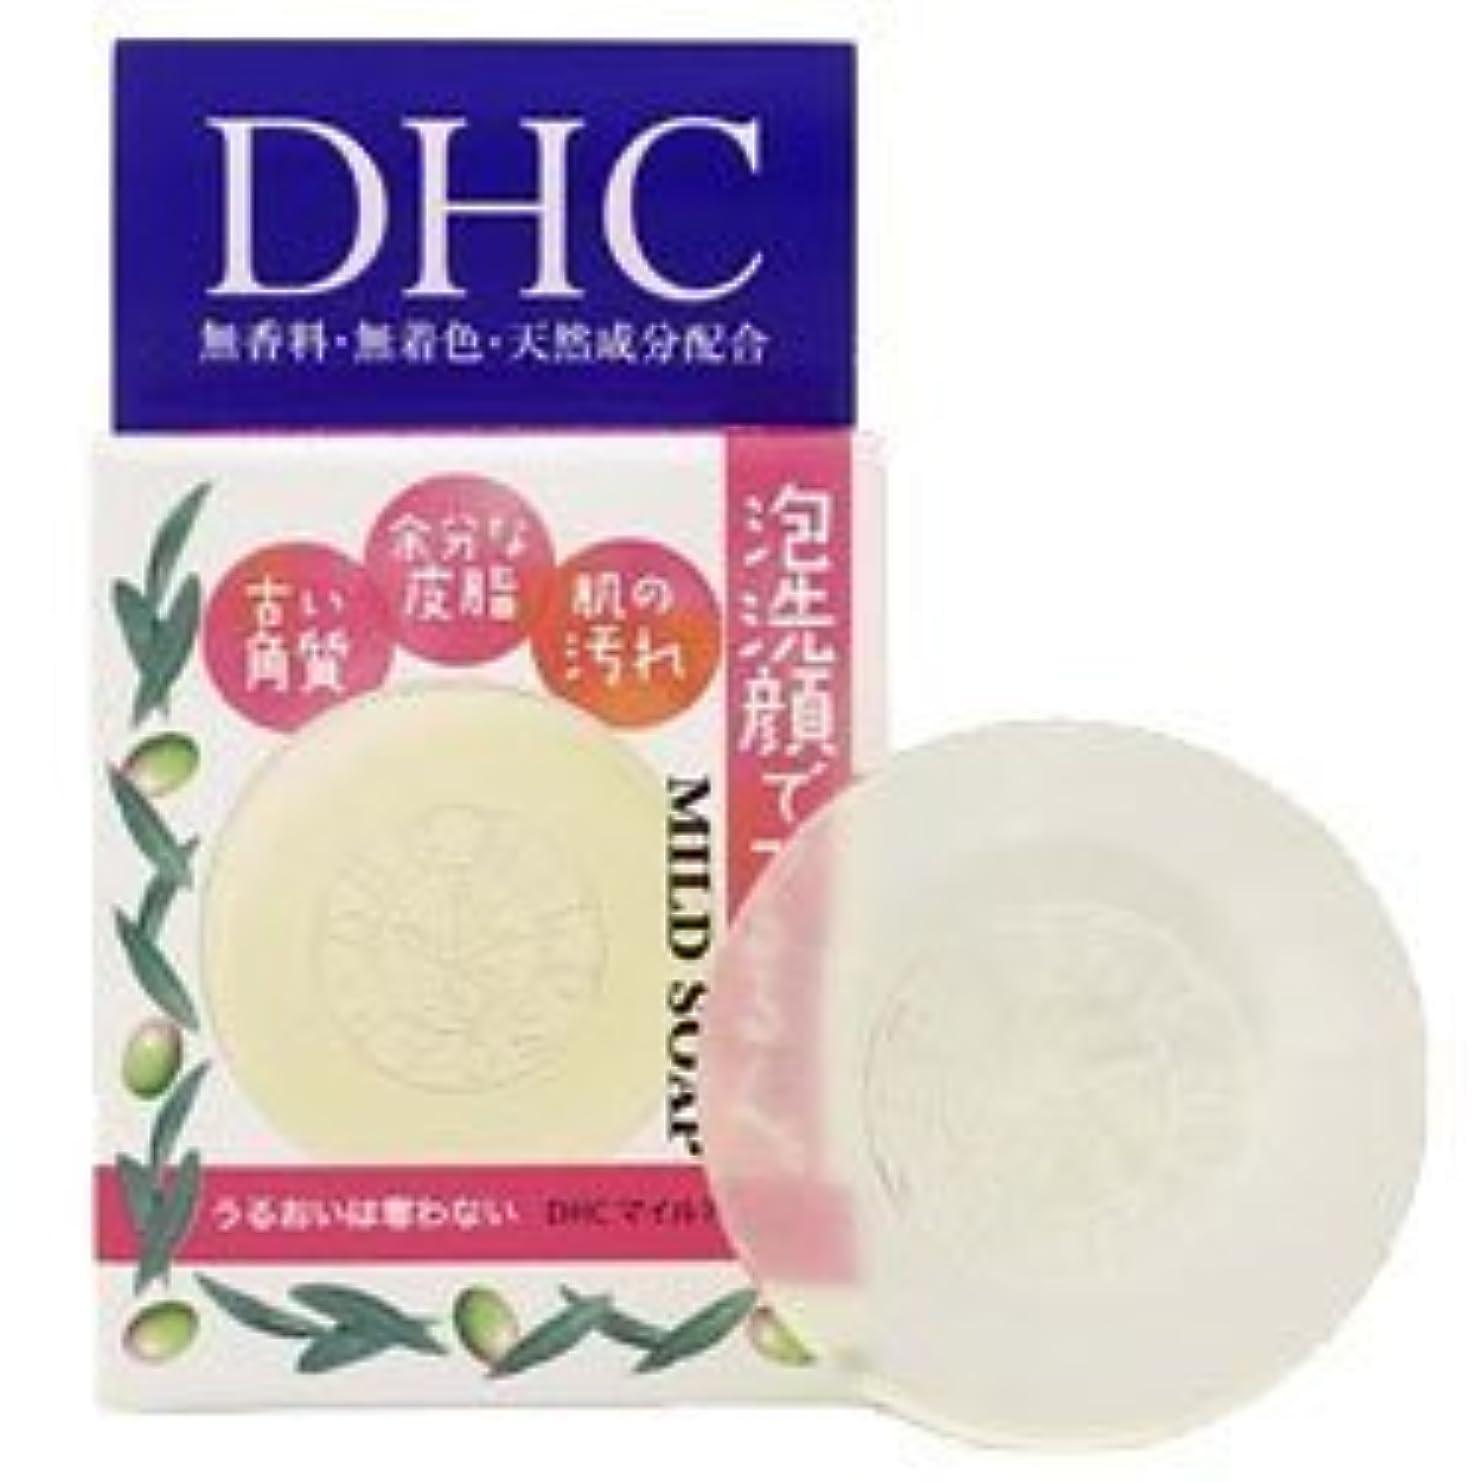 蒸留無駄なバッチ【DHC】DHC マイルドソープ(SS) 35g ×5個セット